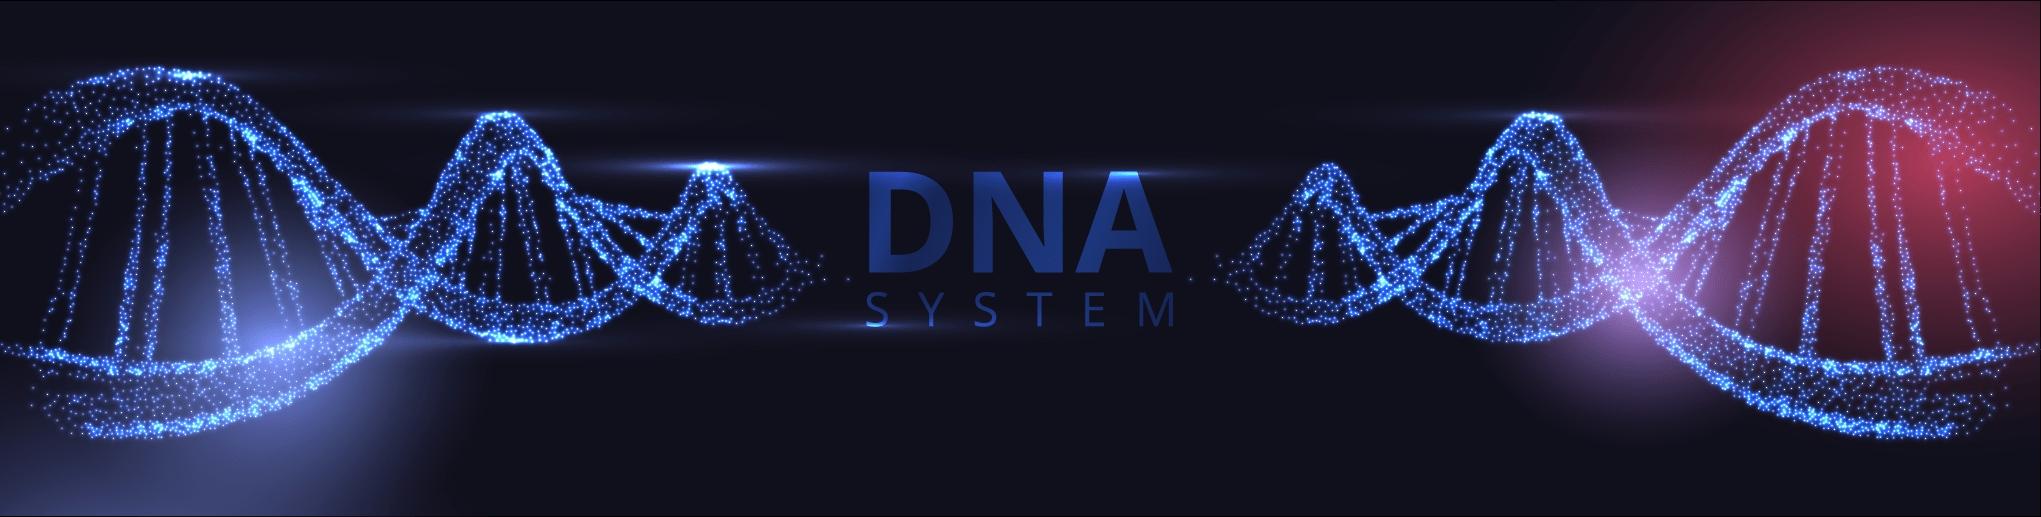 DNA geslachtsbepaling